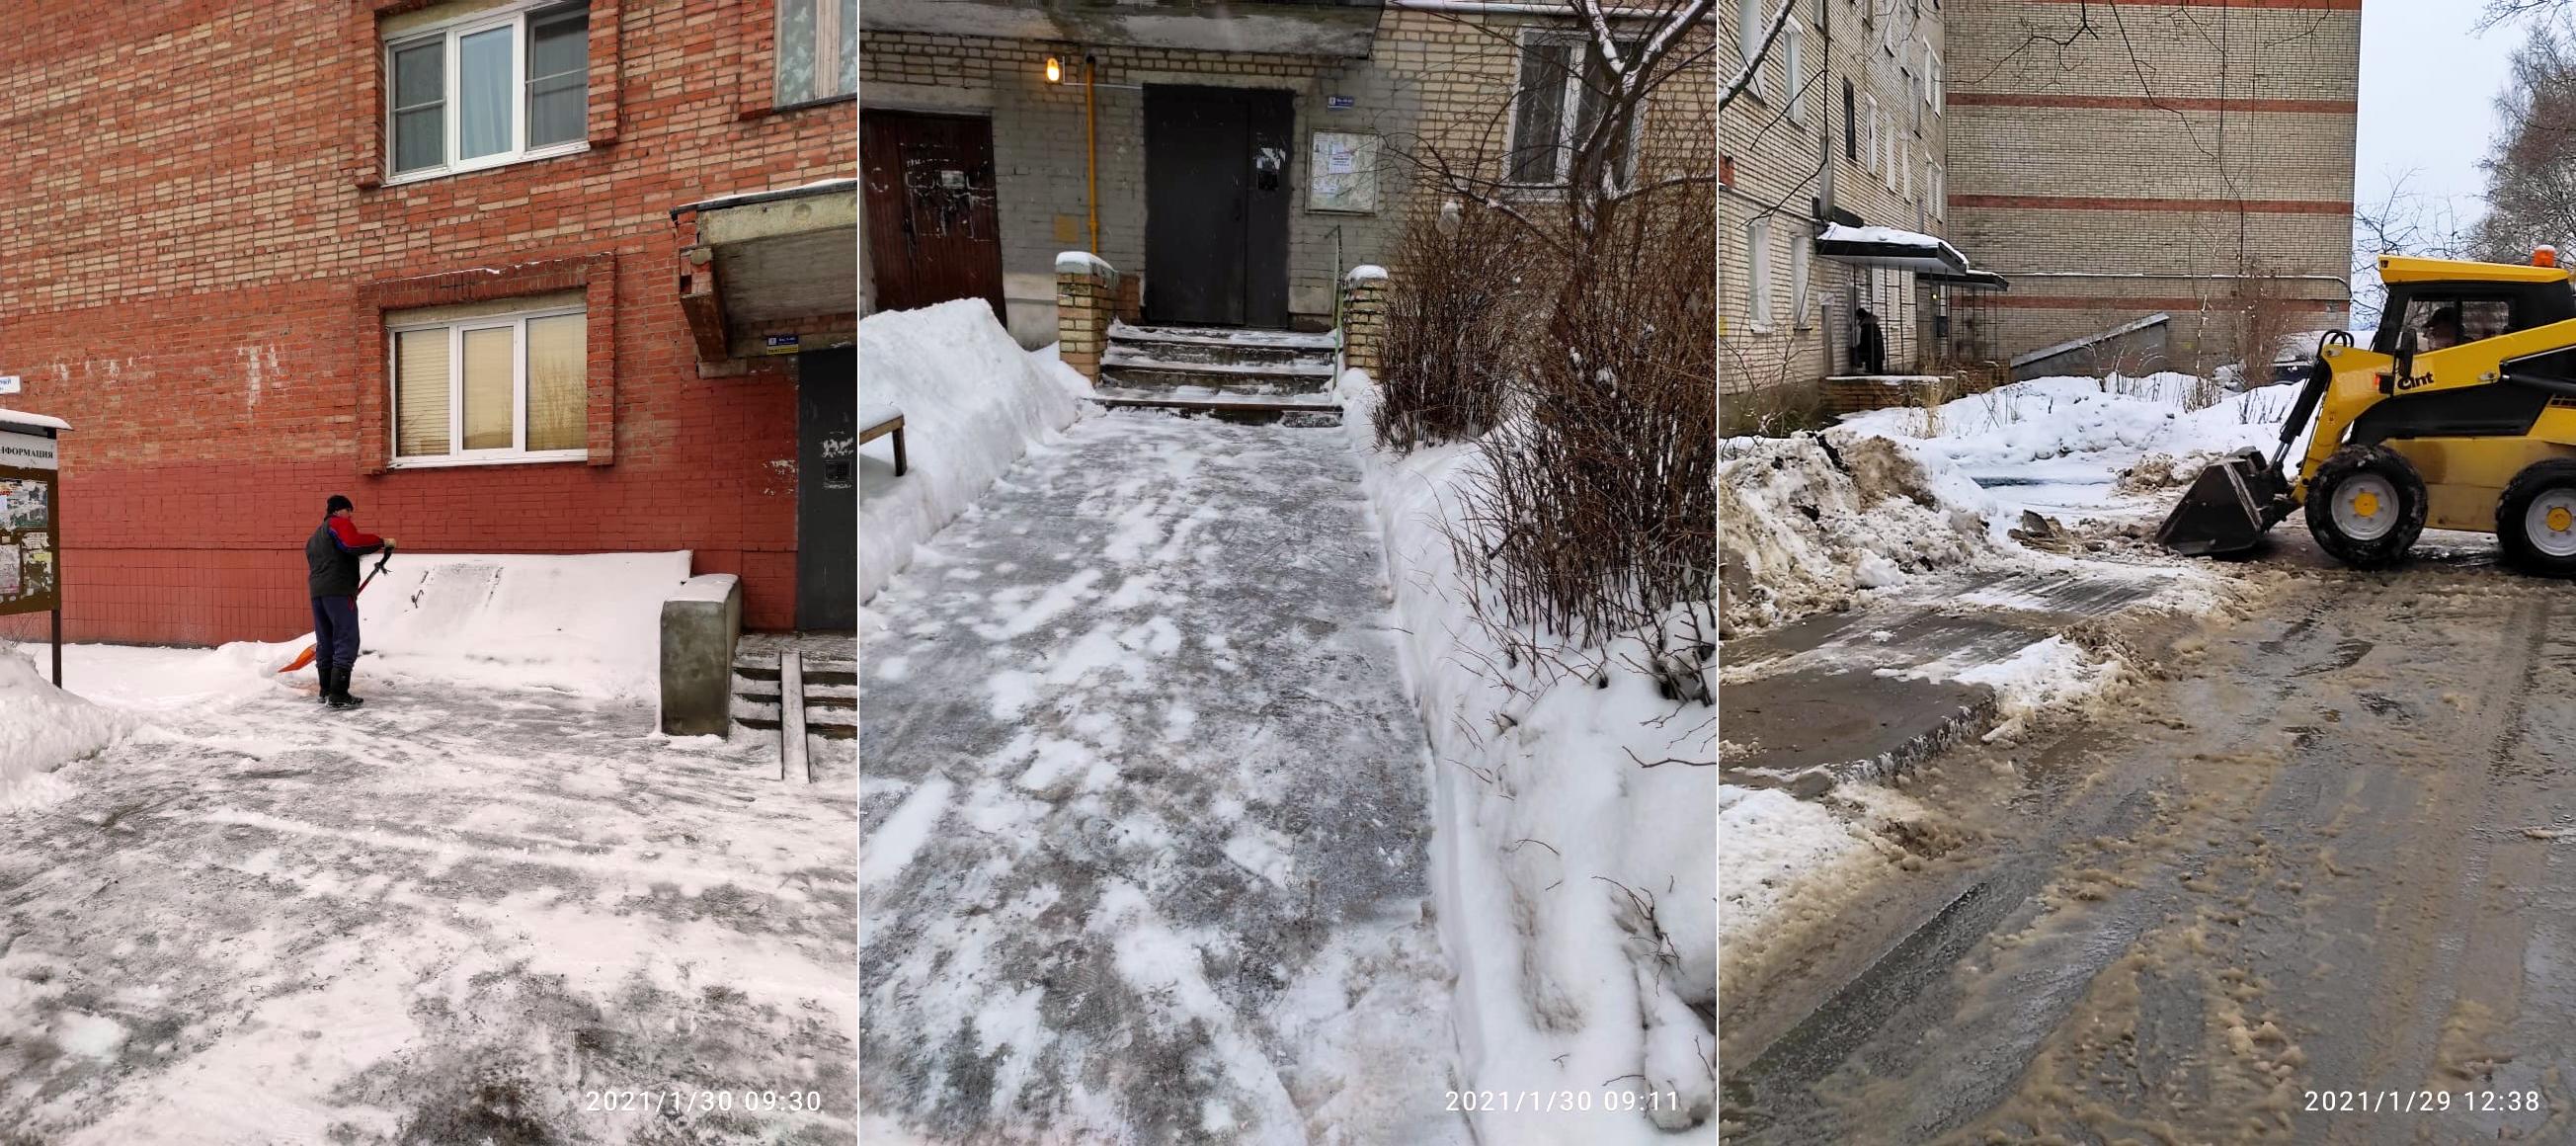 Убрали и вывезли снег со дворов в микрорайоне Северный